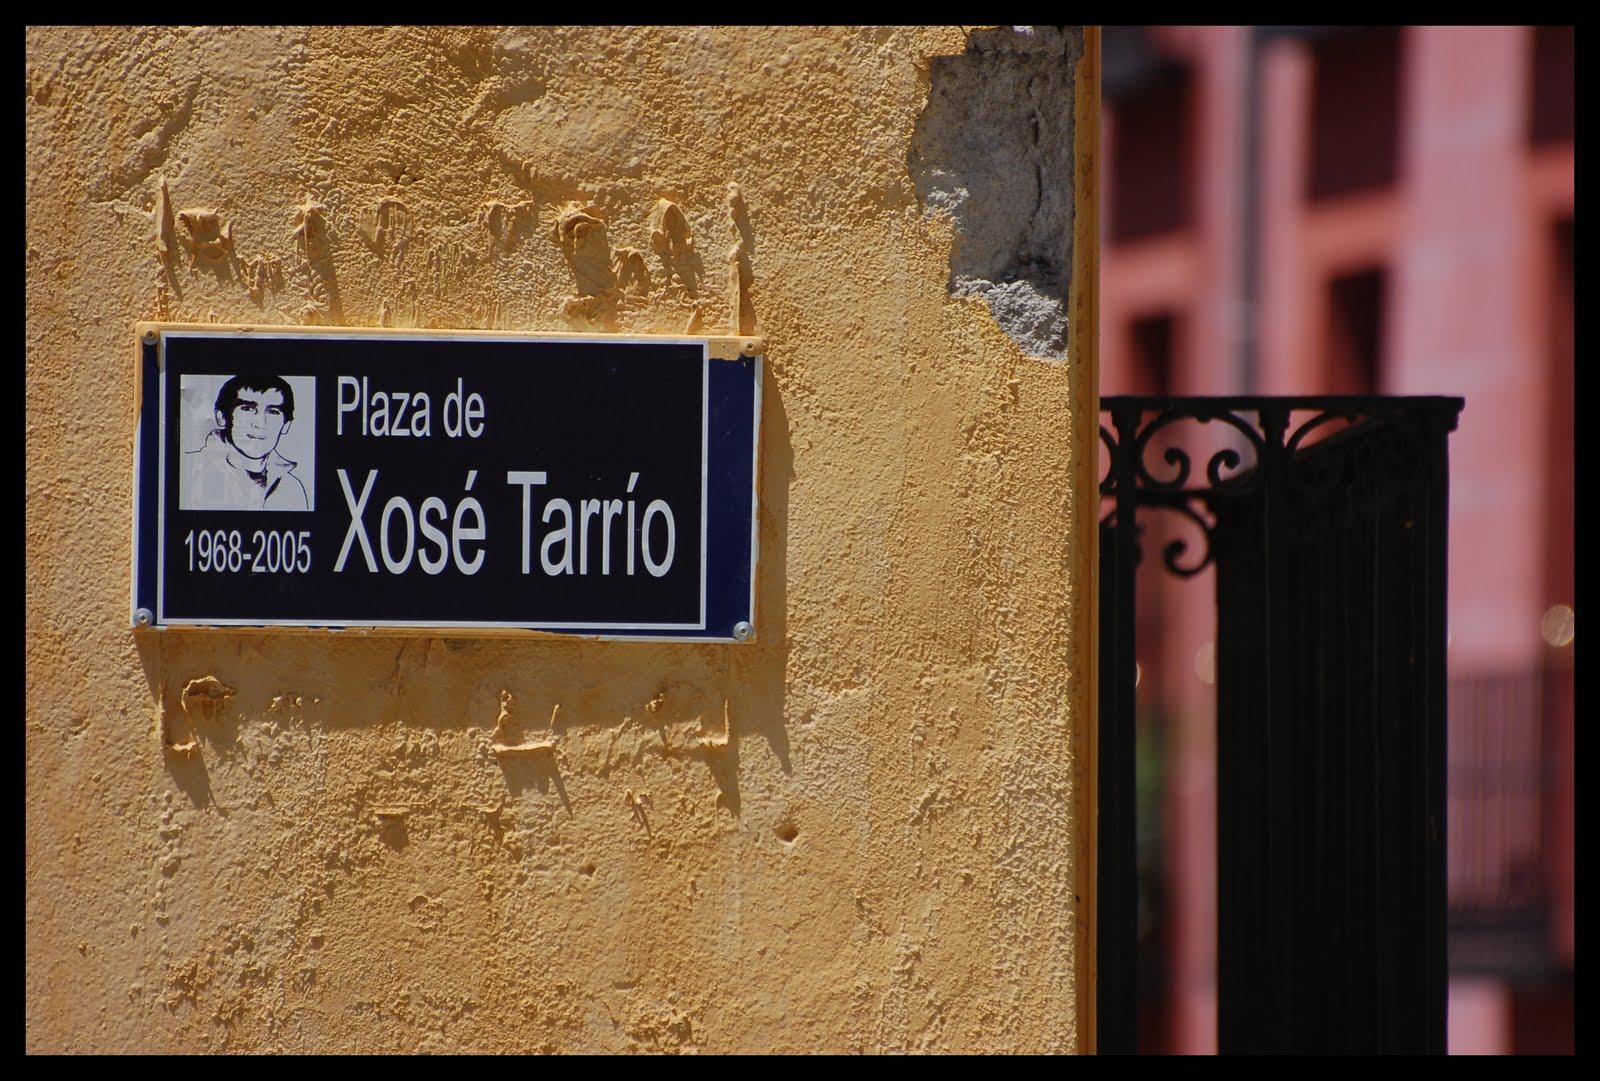 placa_xose tarrio